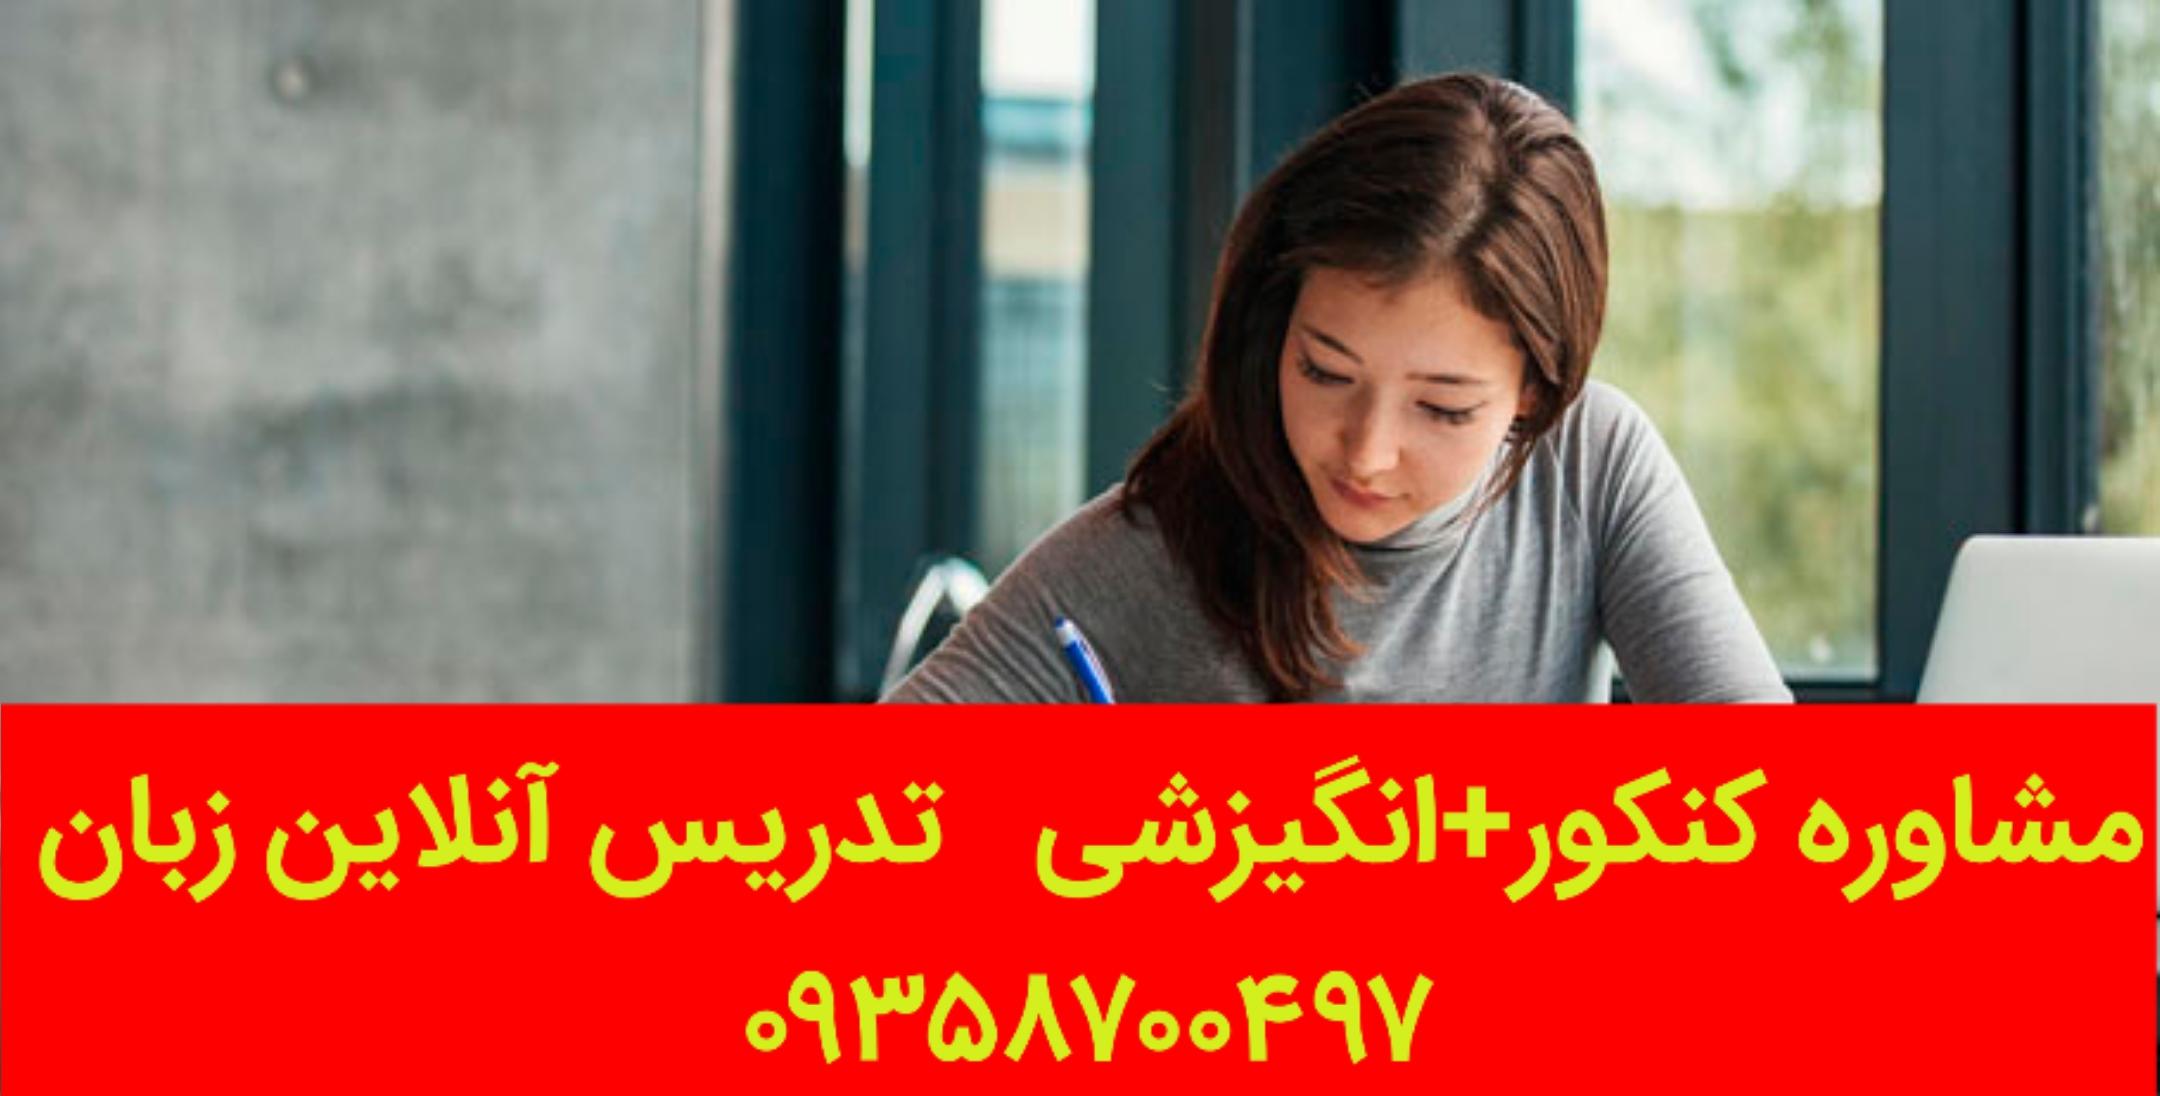 اهمیت درس زبان انگلیسی در کنکور_vahidimeni.ir